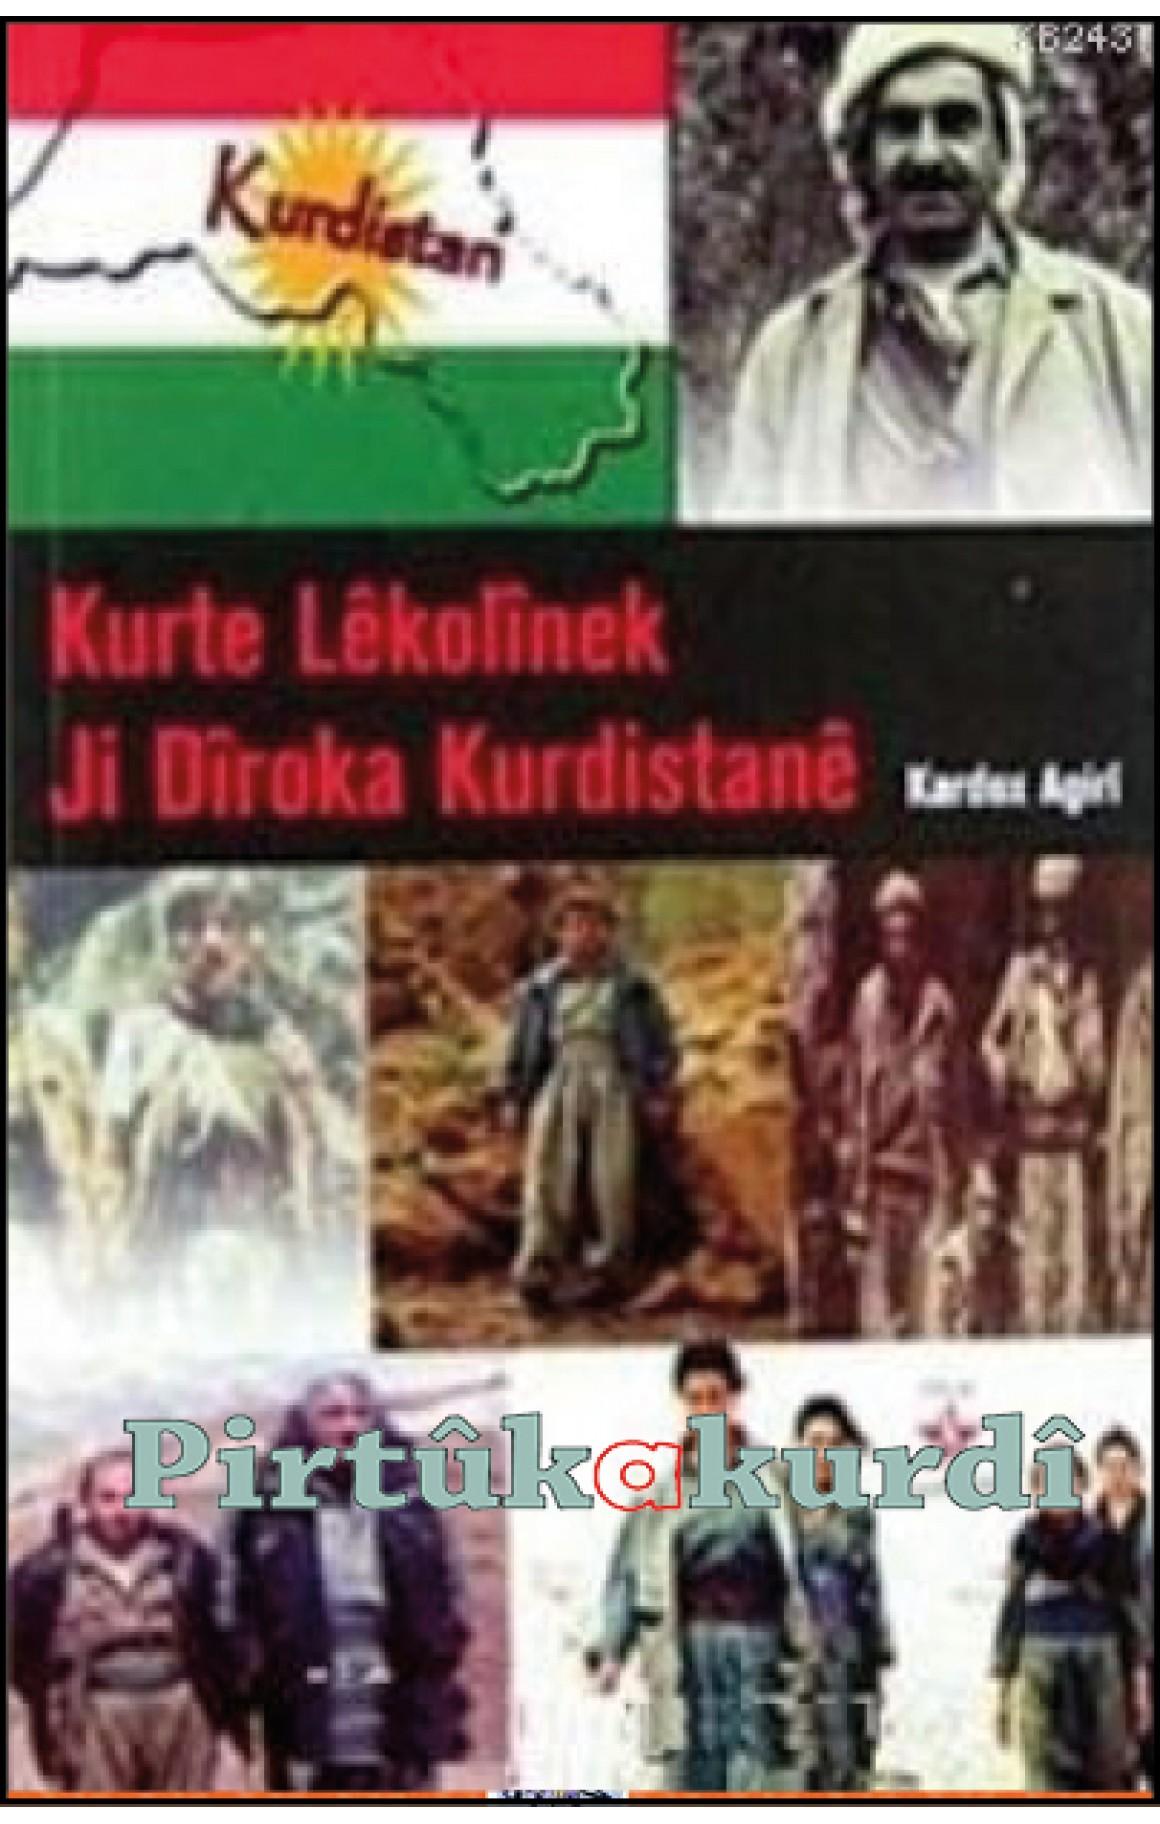 Kurte Lêkolînek Ji Diroka Kurdistanê